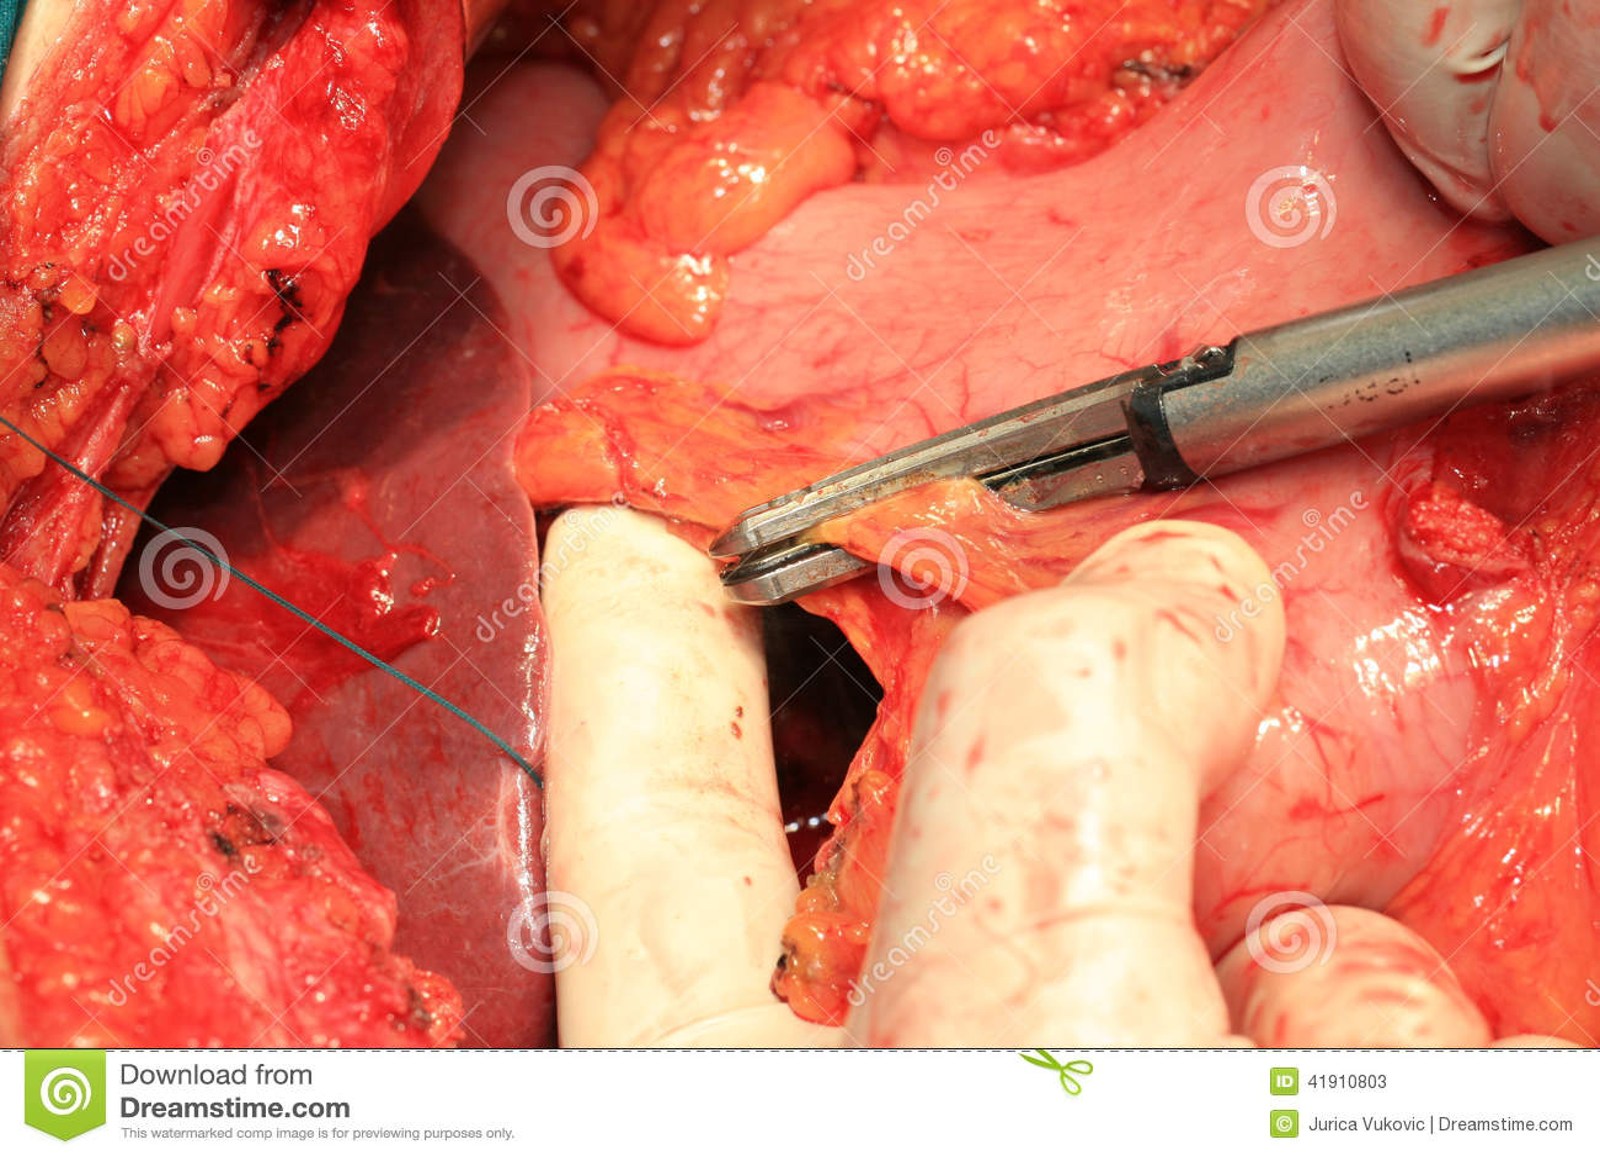 Arterias y venas abdominales